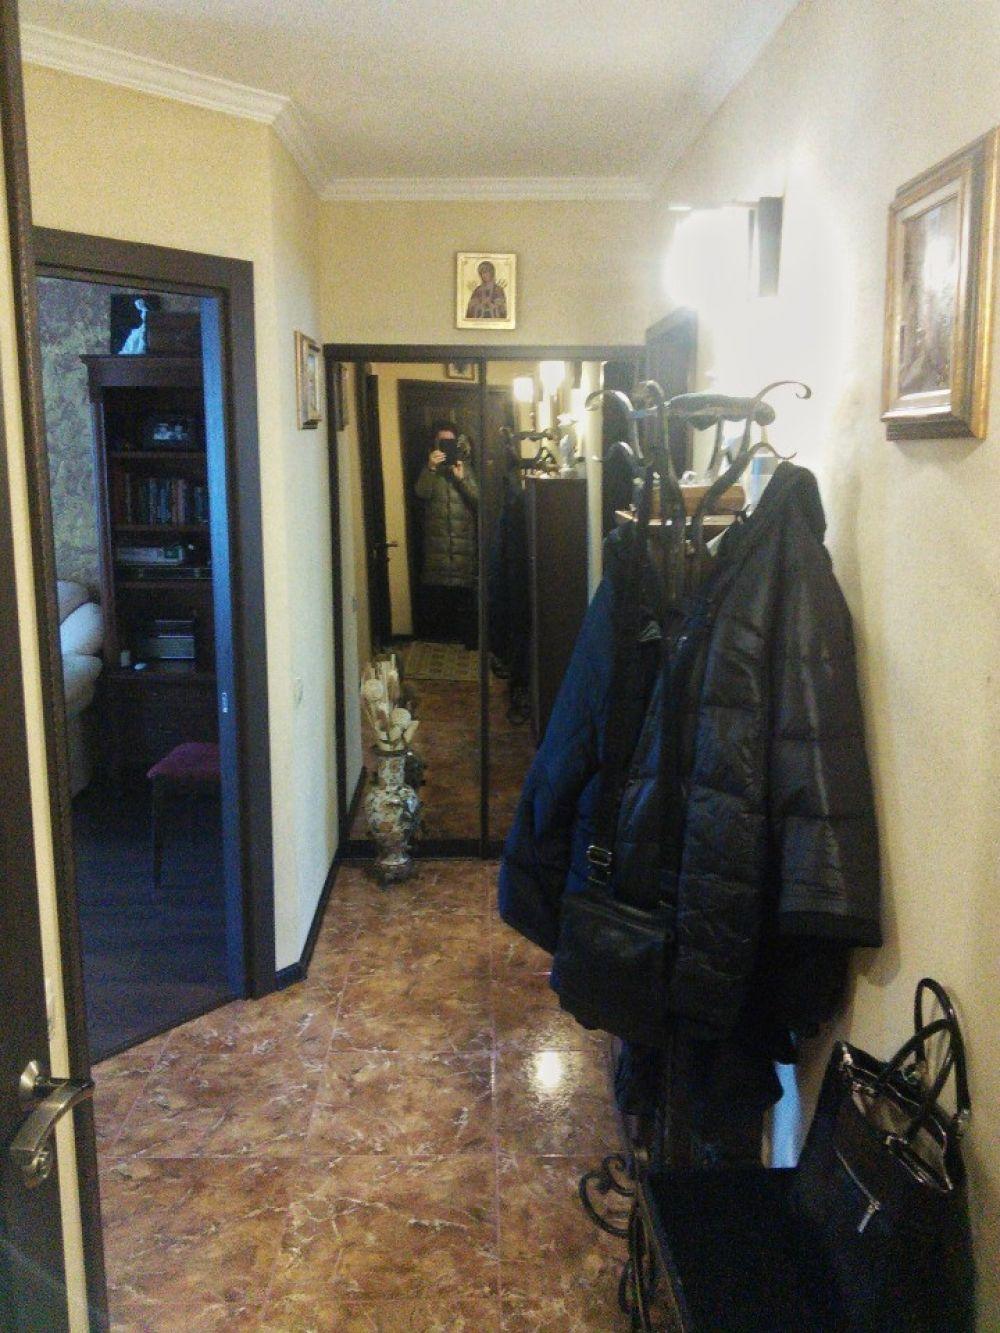 Продаю двухкомнатная квартира Московская область г. Королев ул.Гражданская д. 41., фото 2